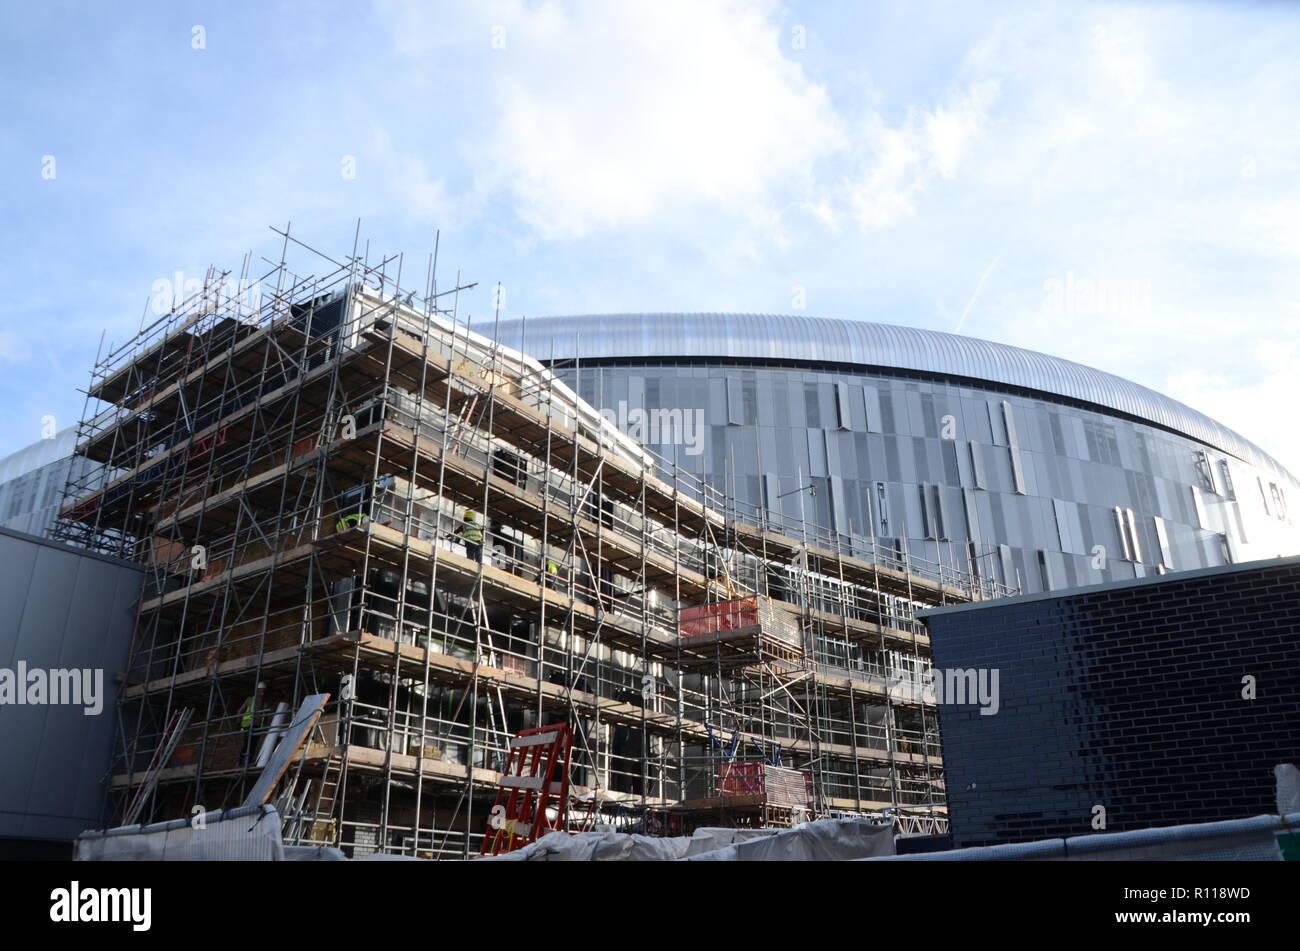 tottenham,Tottenhams new stadium,white hart lane,N17,hotspur,football,development,november 2018,construction,stadium,soccer,spurs,premier,league,built - Stock Image